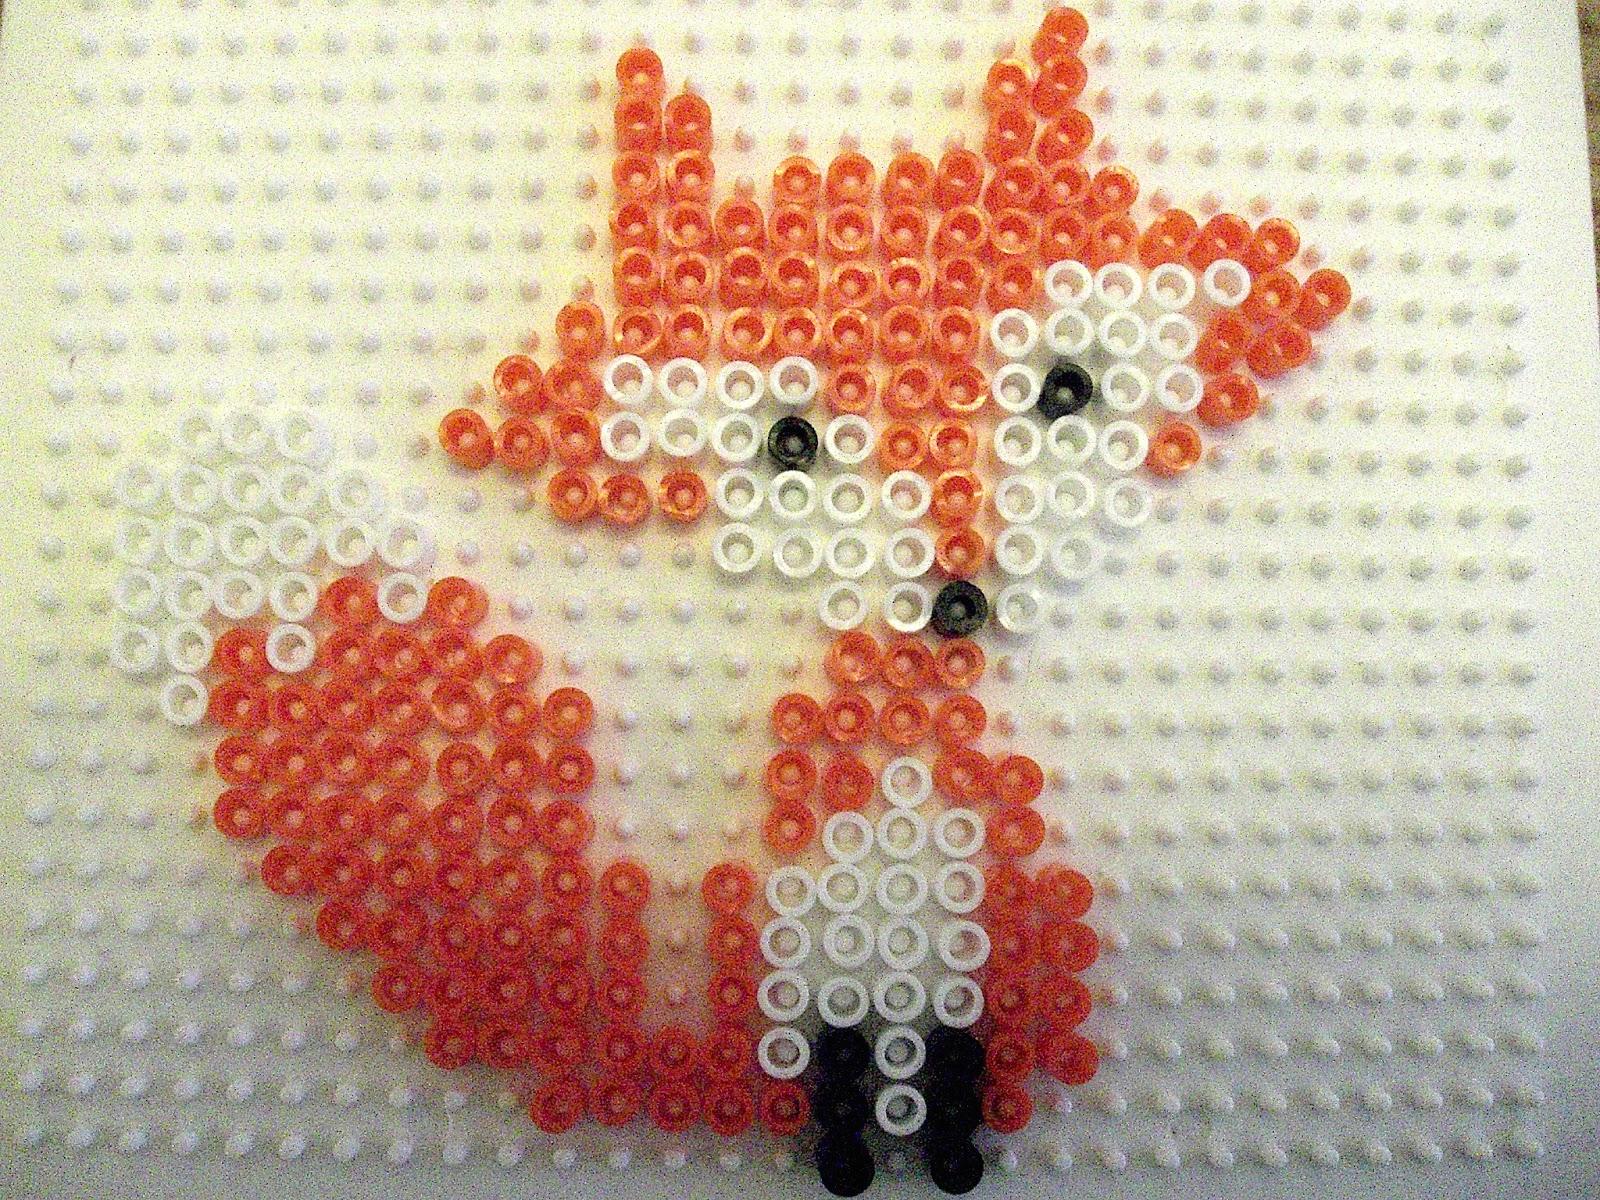 Ide Perles Repasser Latest Model De Perle A Repasser Animaux Plaque